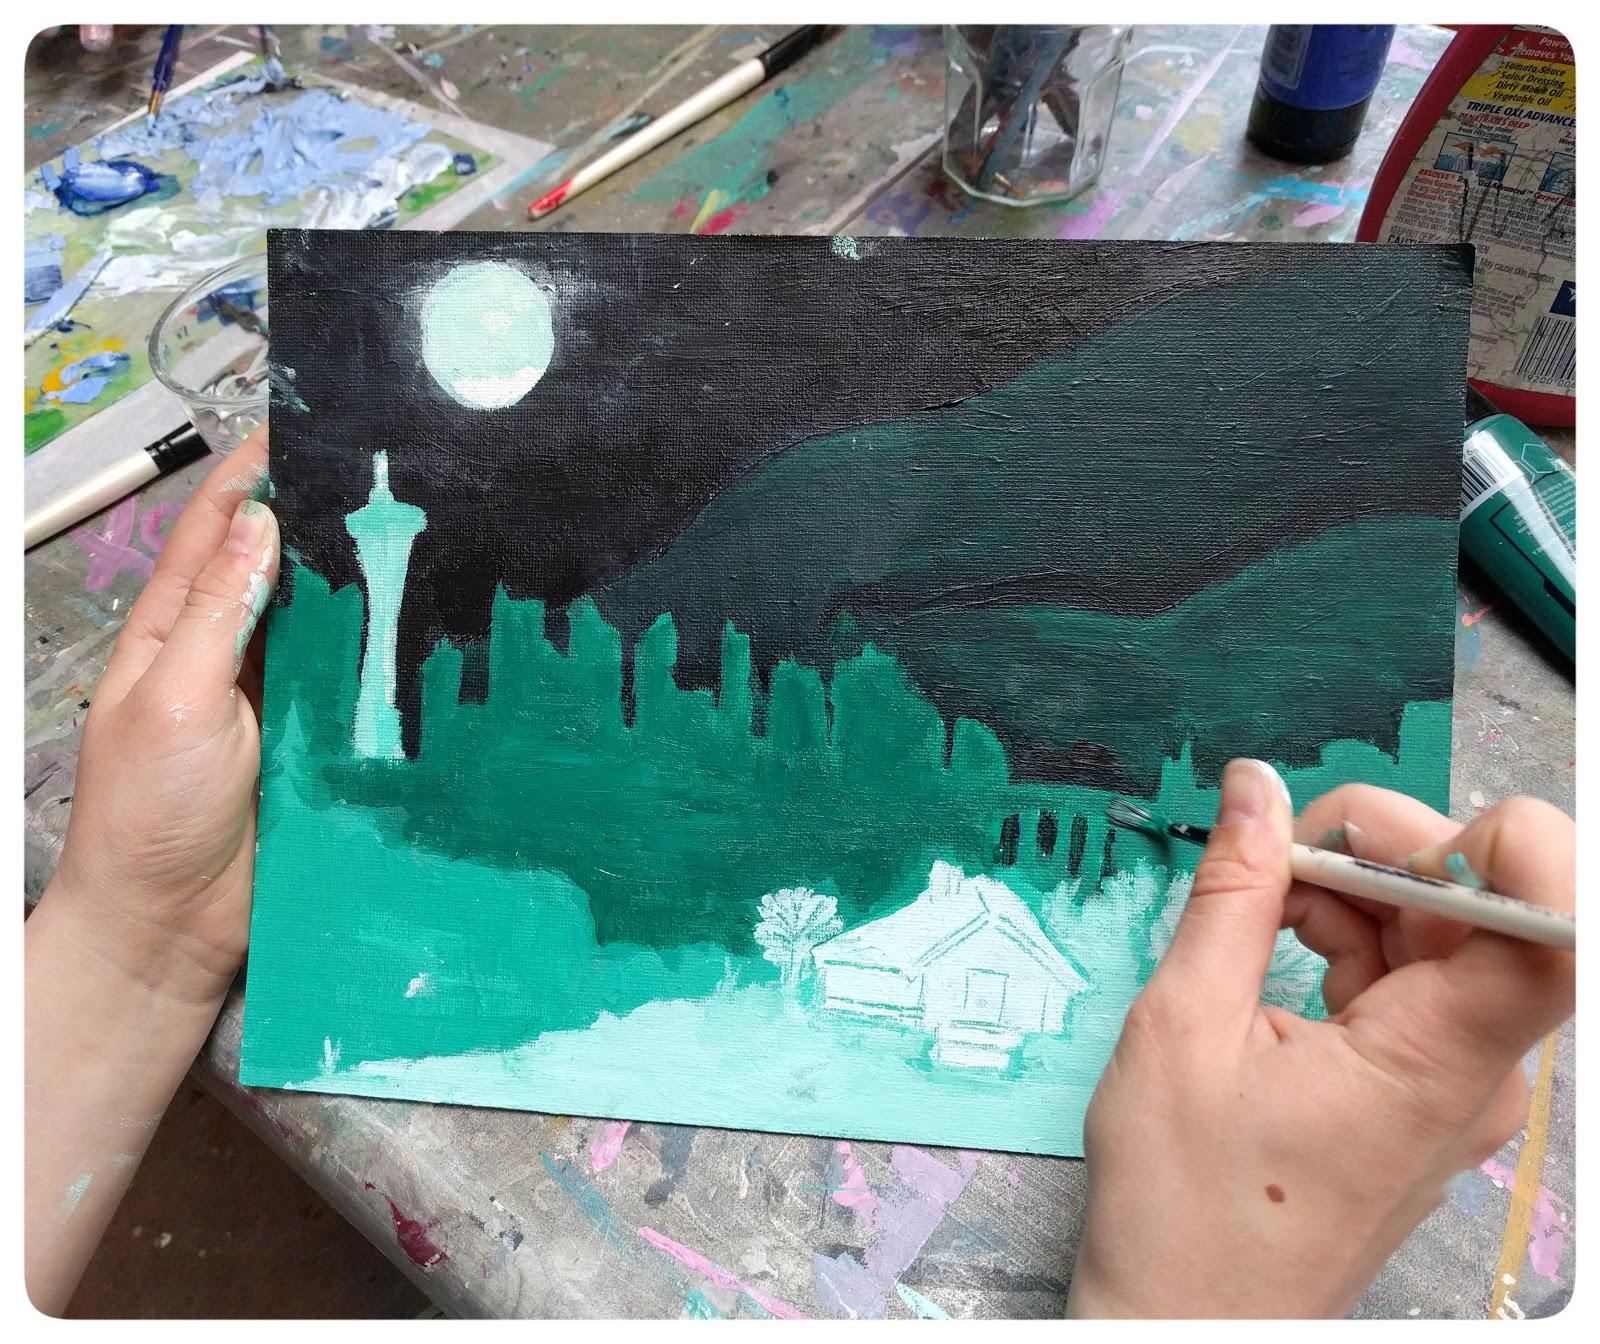 Studio Kids - Children's Art Classes in Ballard, Seattle: Seattle